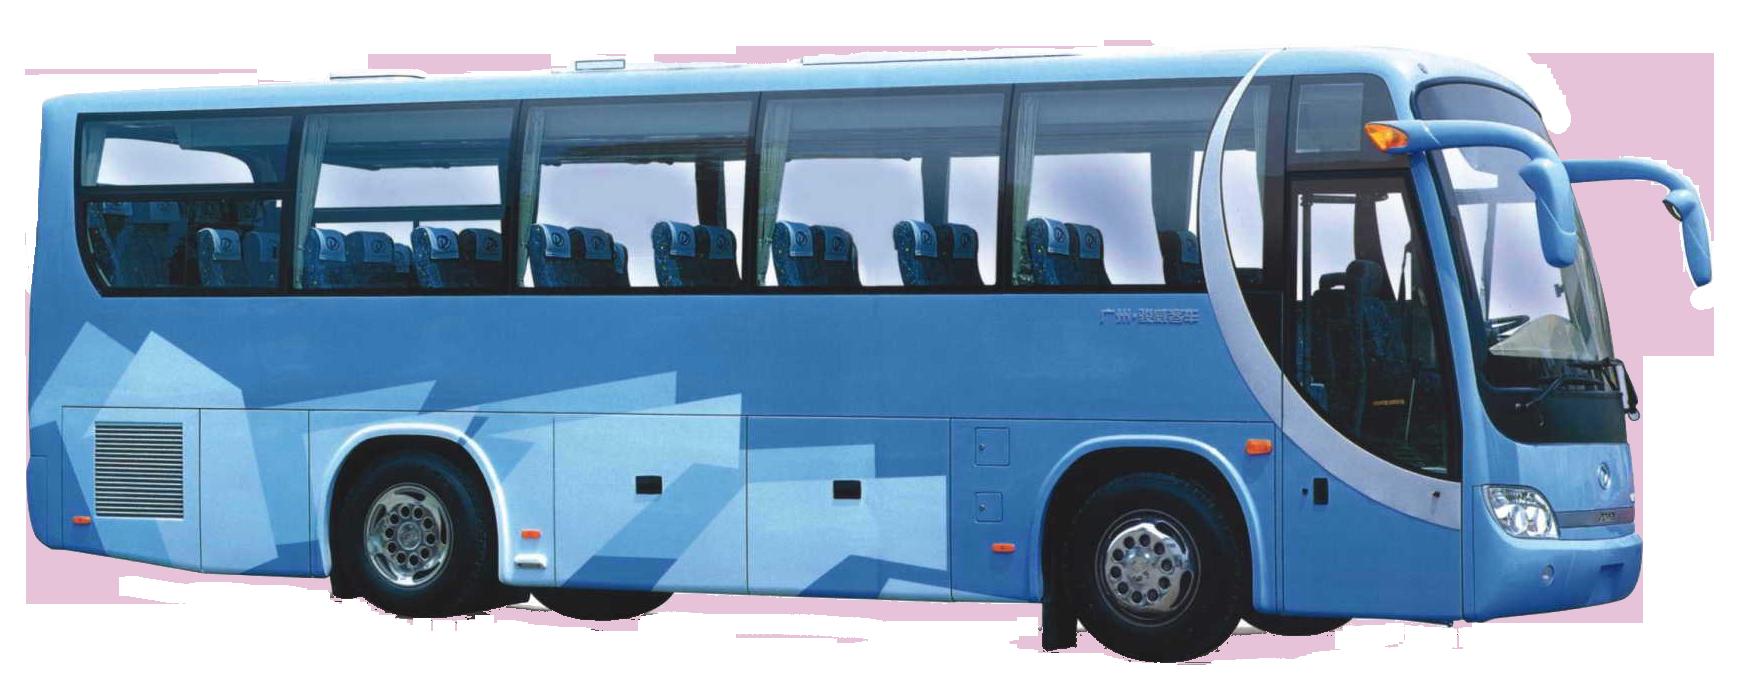 Bus PNG Transparent Bus.PNG Images..